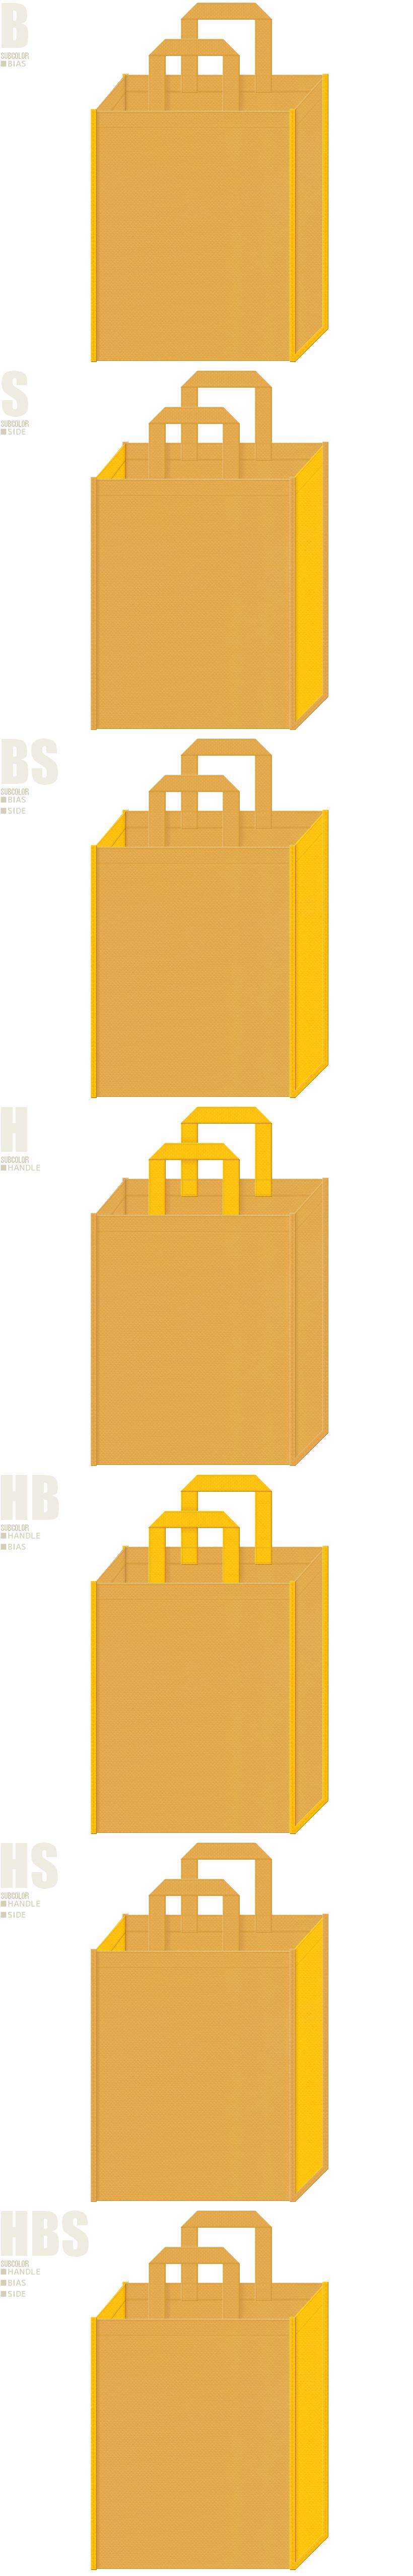 お宝・黄金・ピラミッド・ラクダ・砂漠・砂丘・いちょう・麦・ビール・食用油・バター・マロンケーキ・スイーツ・はちみつ・栗・和菓子のショッピングバッグにお奨めの不織布バッグデザイン:黄土色と黄色の配色7パターン